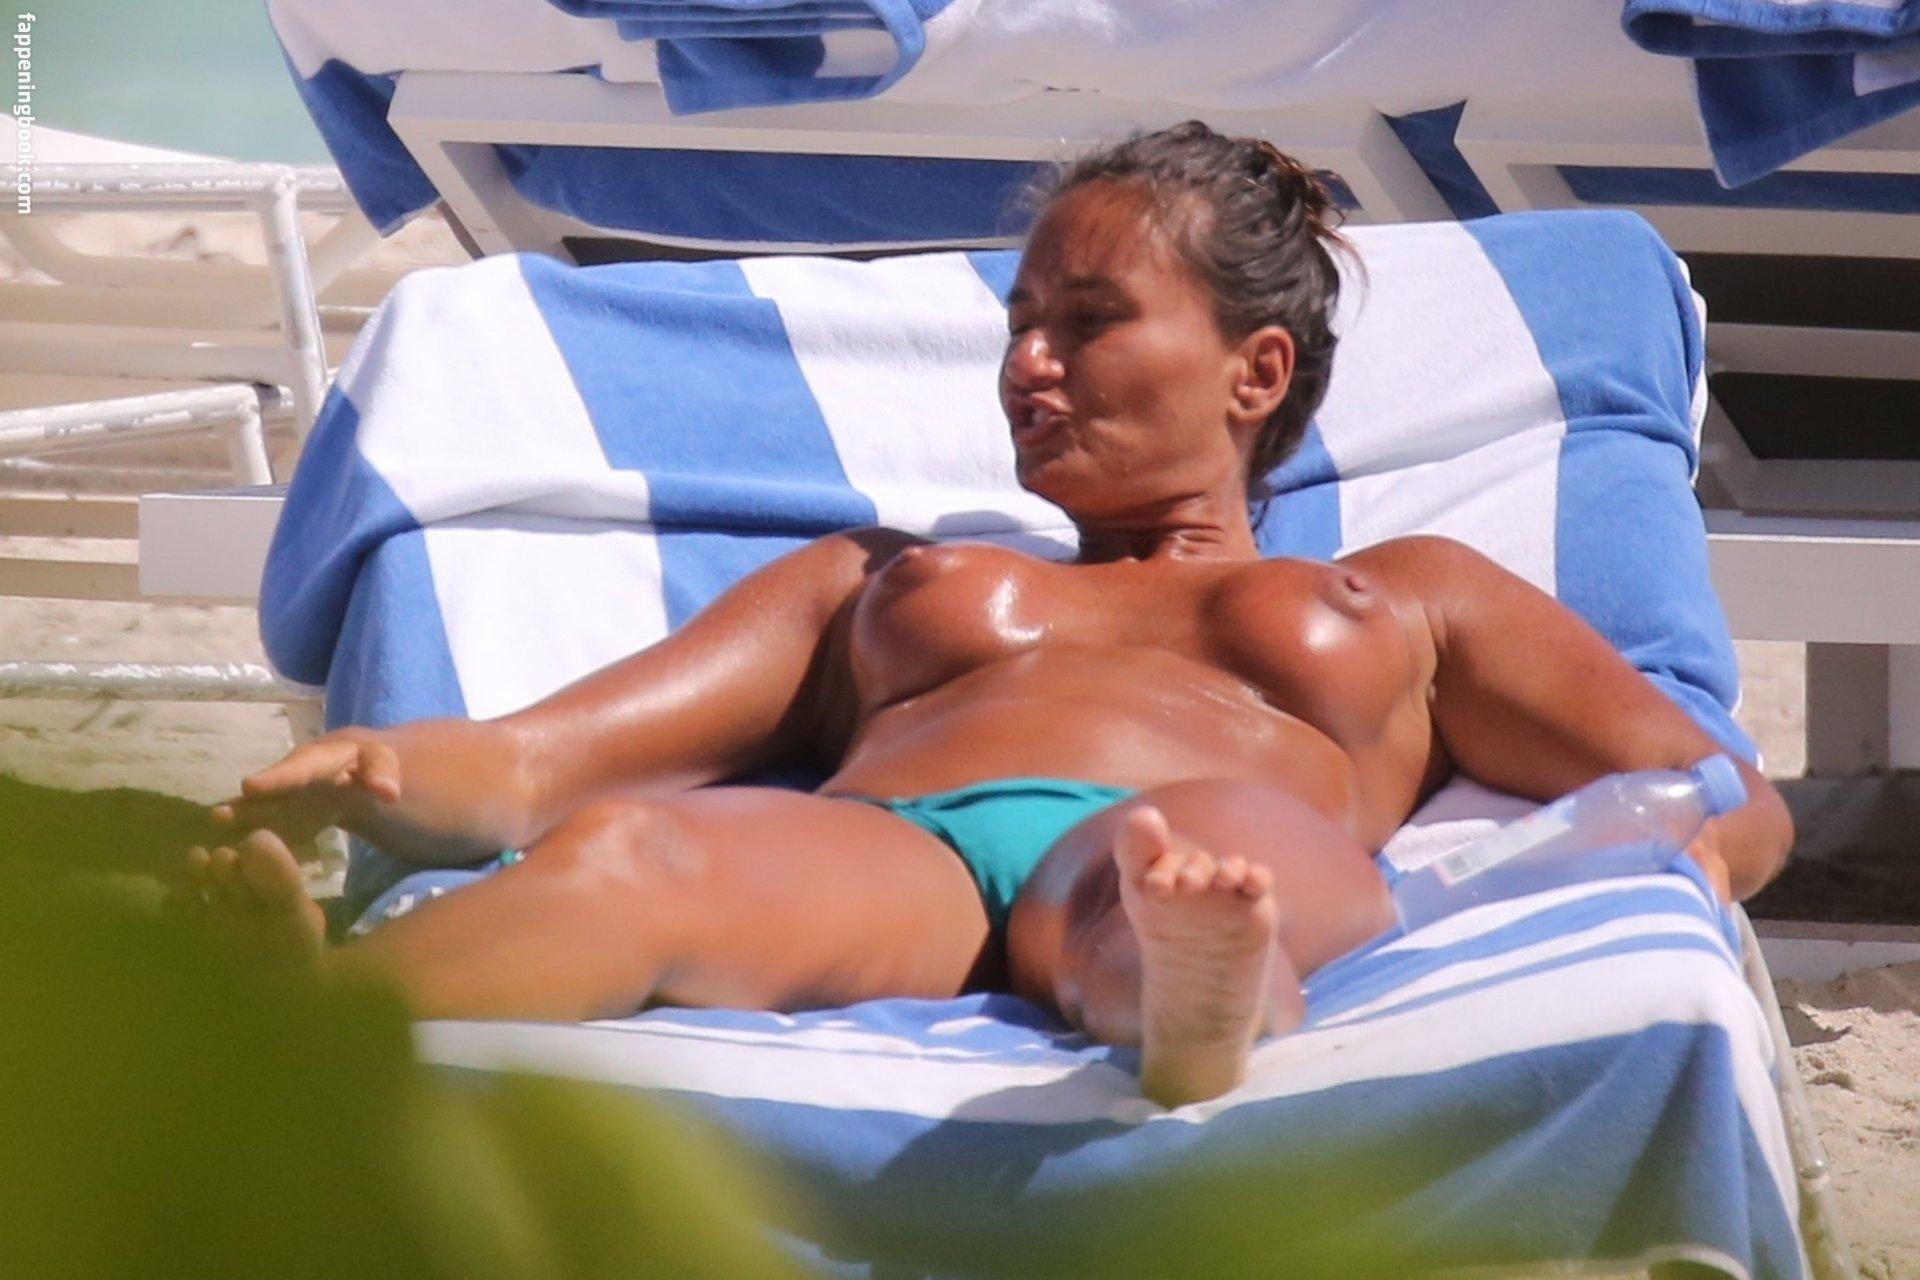 Eda Taspinar Nude